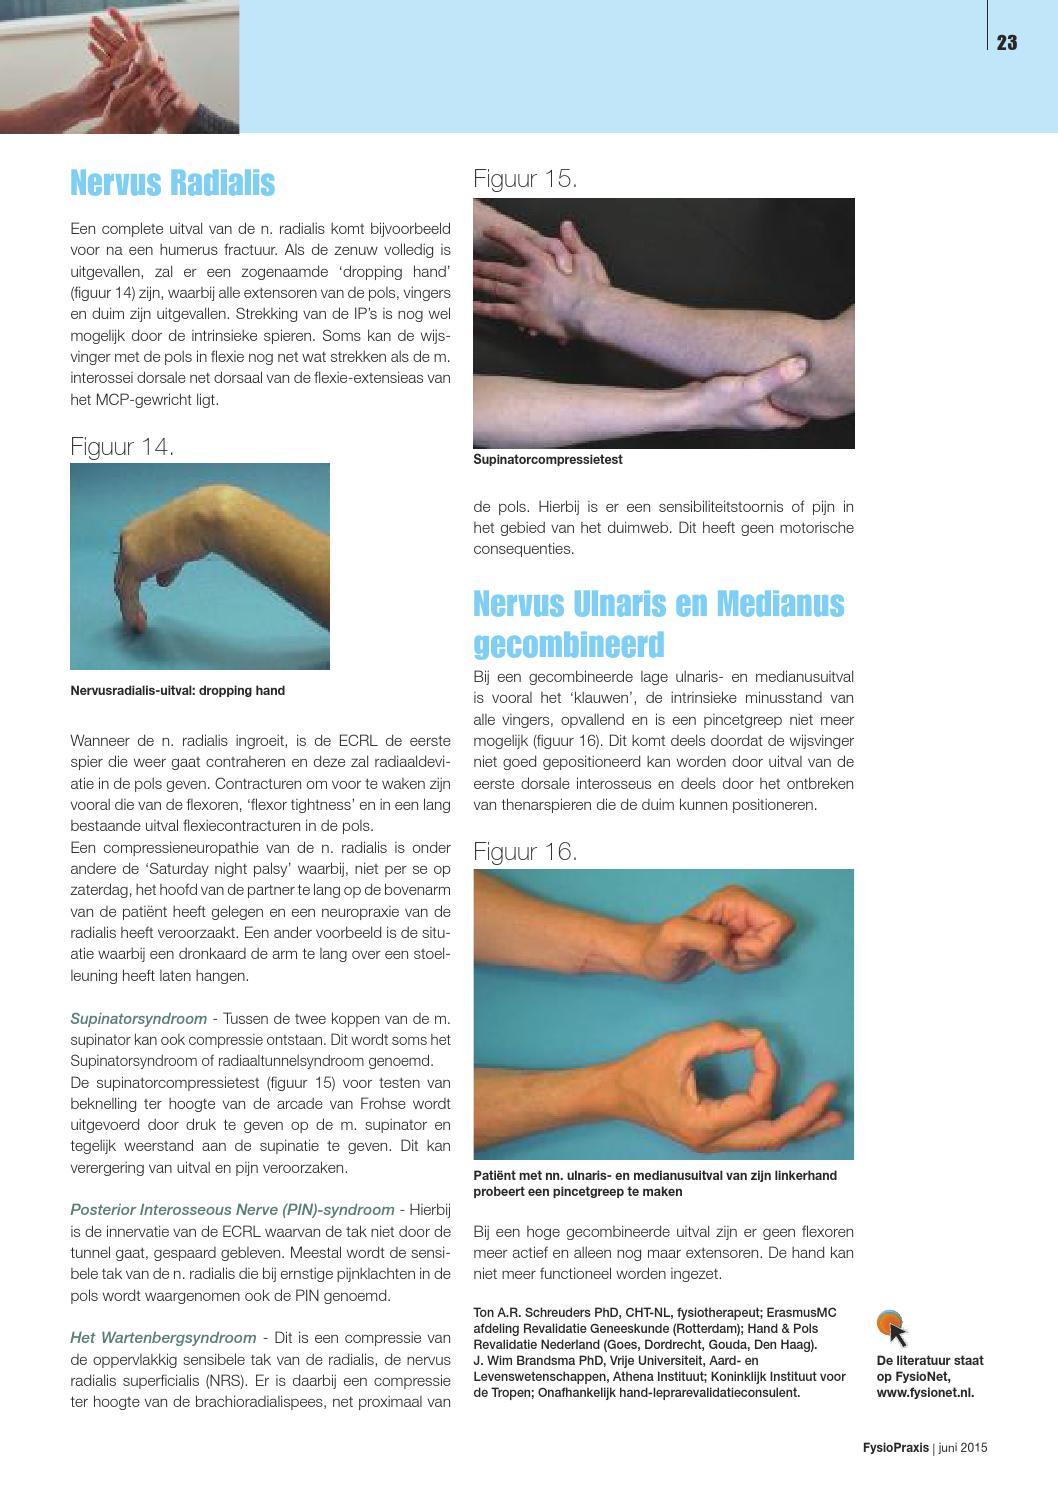 FysioPraxis juni 2015 by KNGF de Fysiotherapeut - issuu